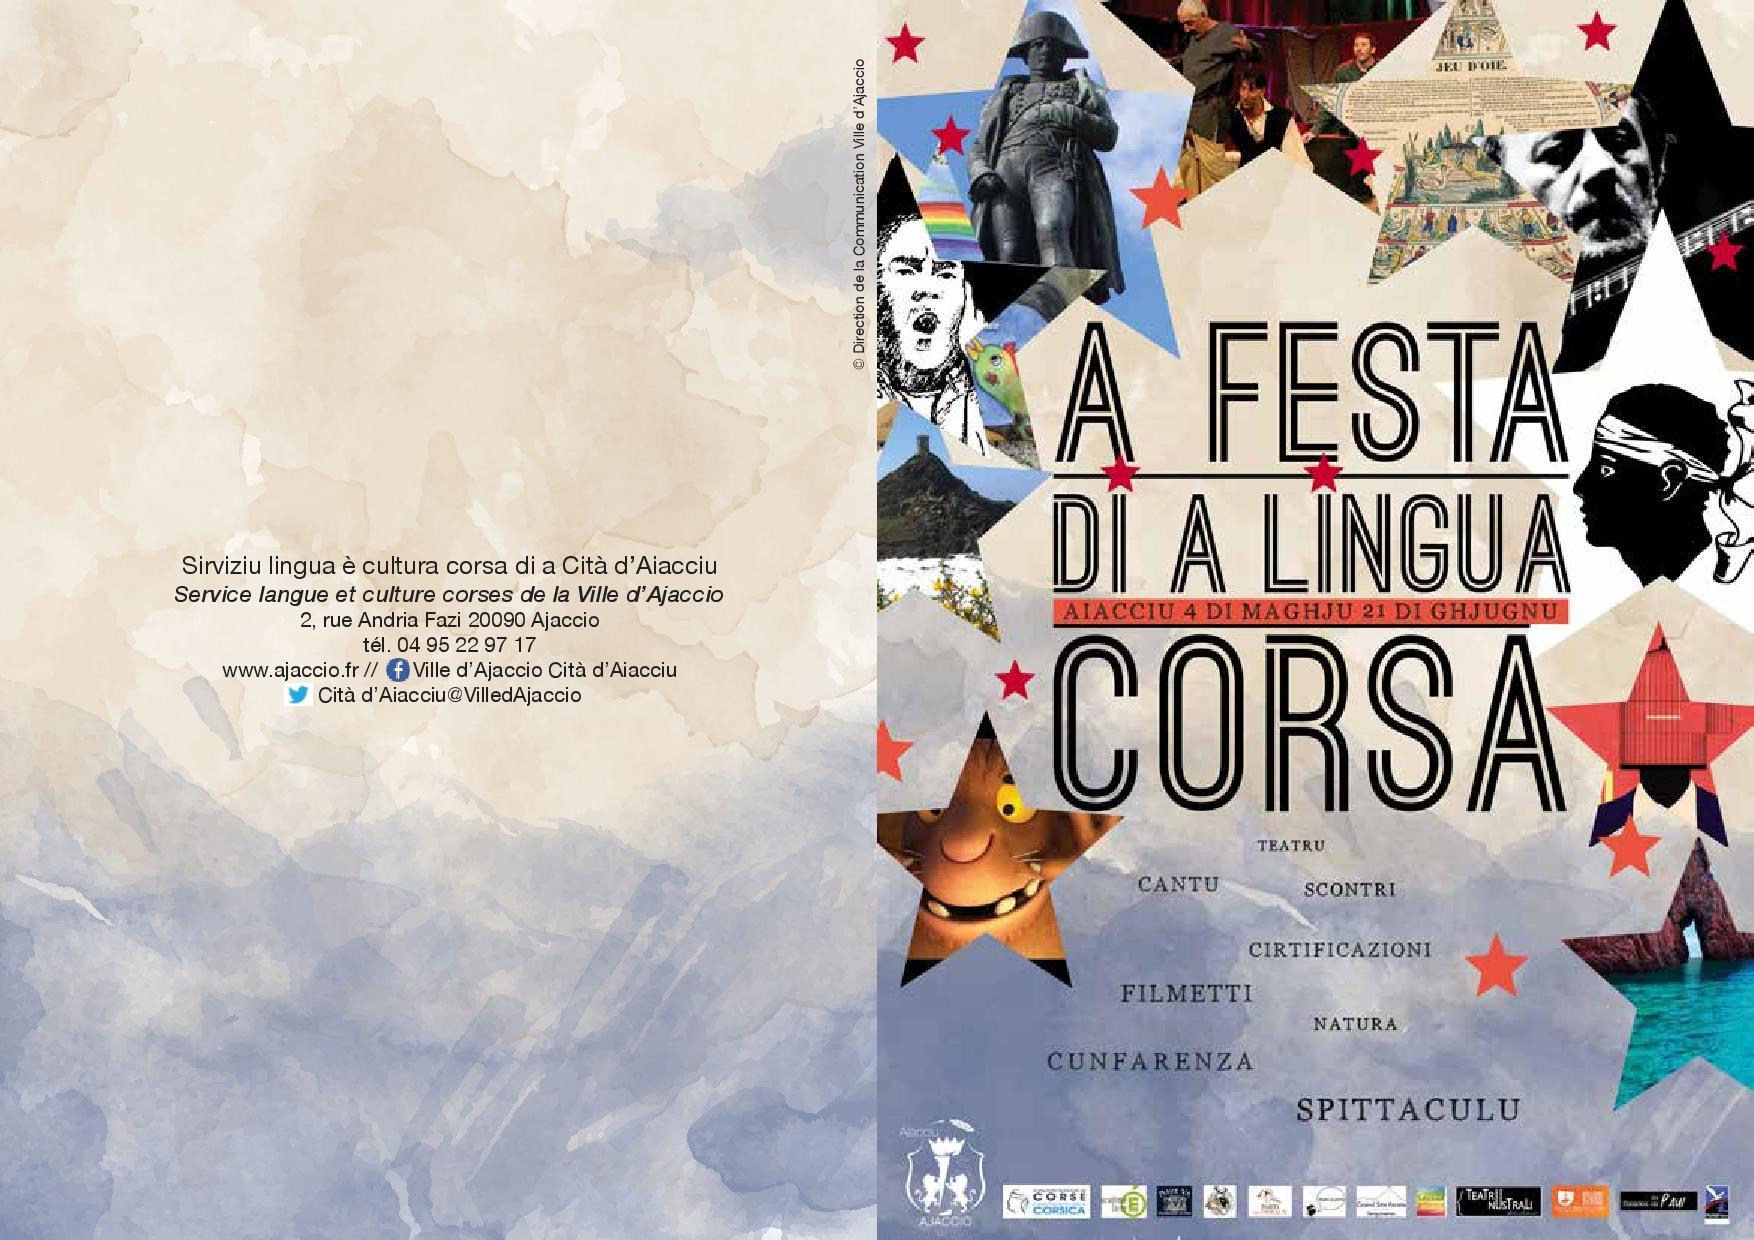 Festa di a lingua corsa in Aiacciu